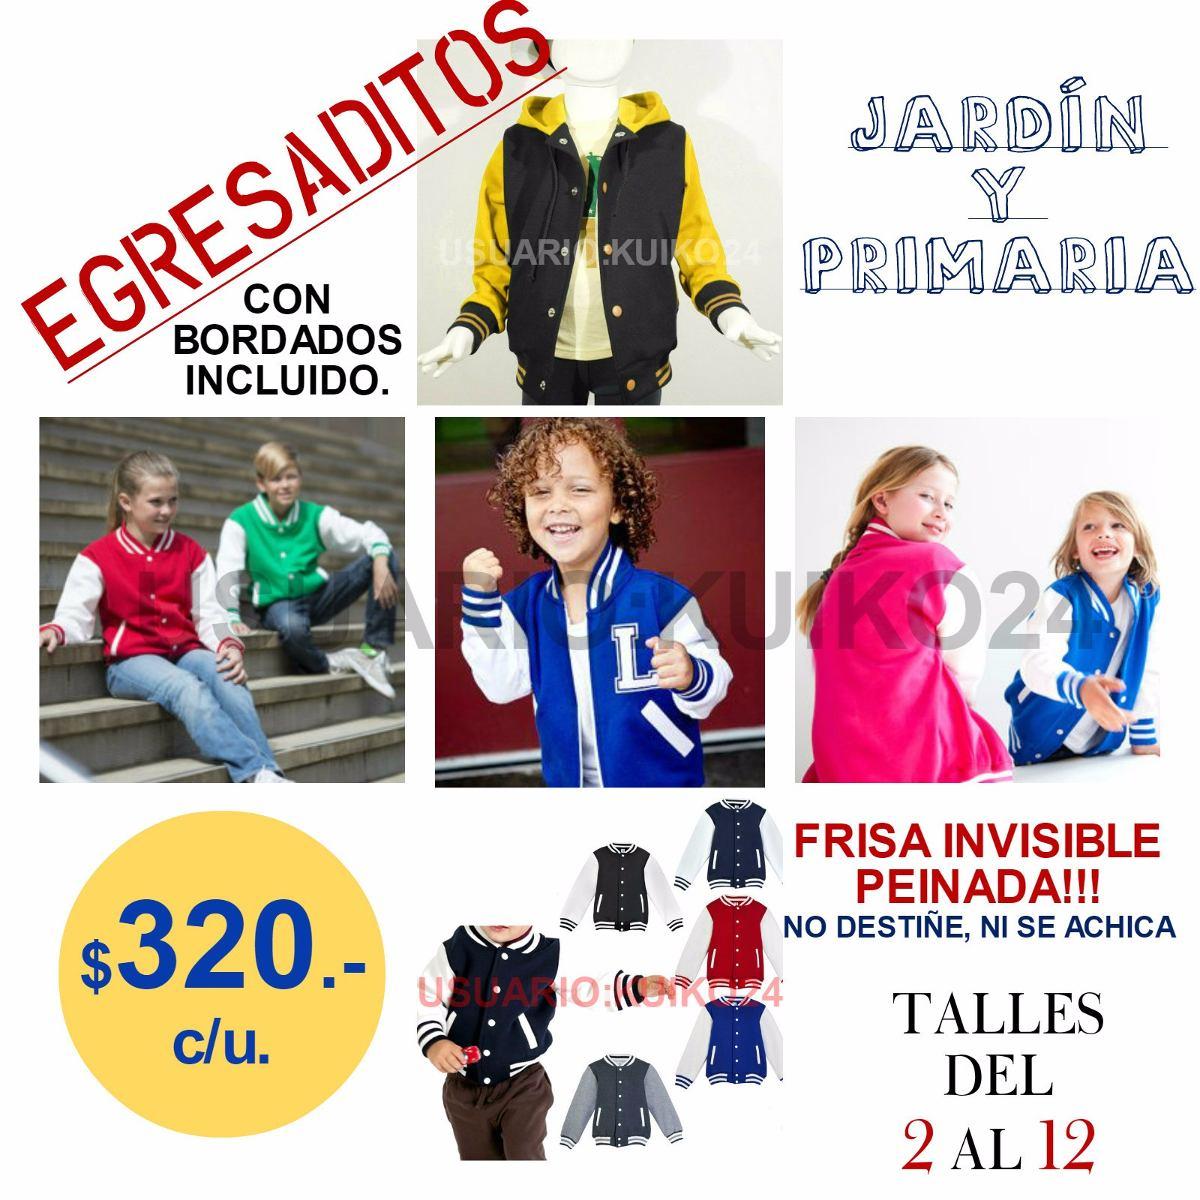 Camperas De Egresados Y Egresaditos C bordados Incluido!!! -   580 ... 4dd46375f38eb